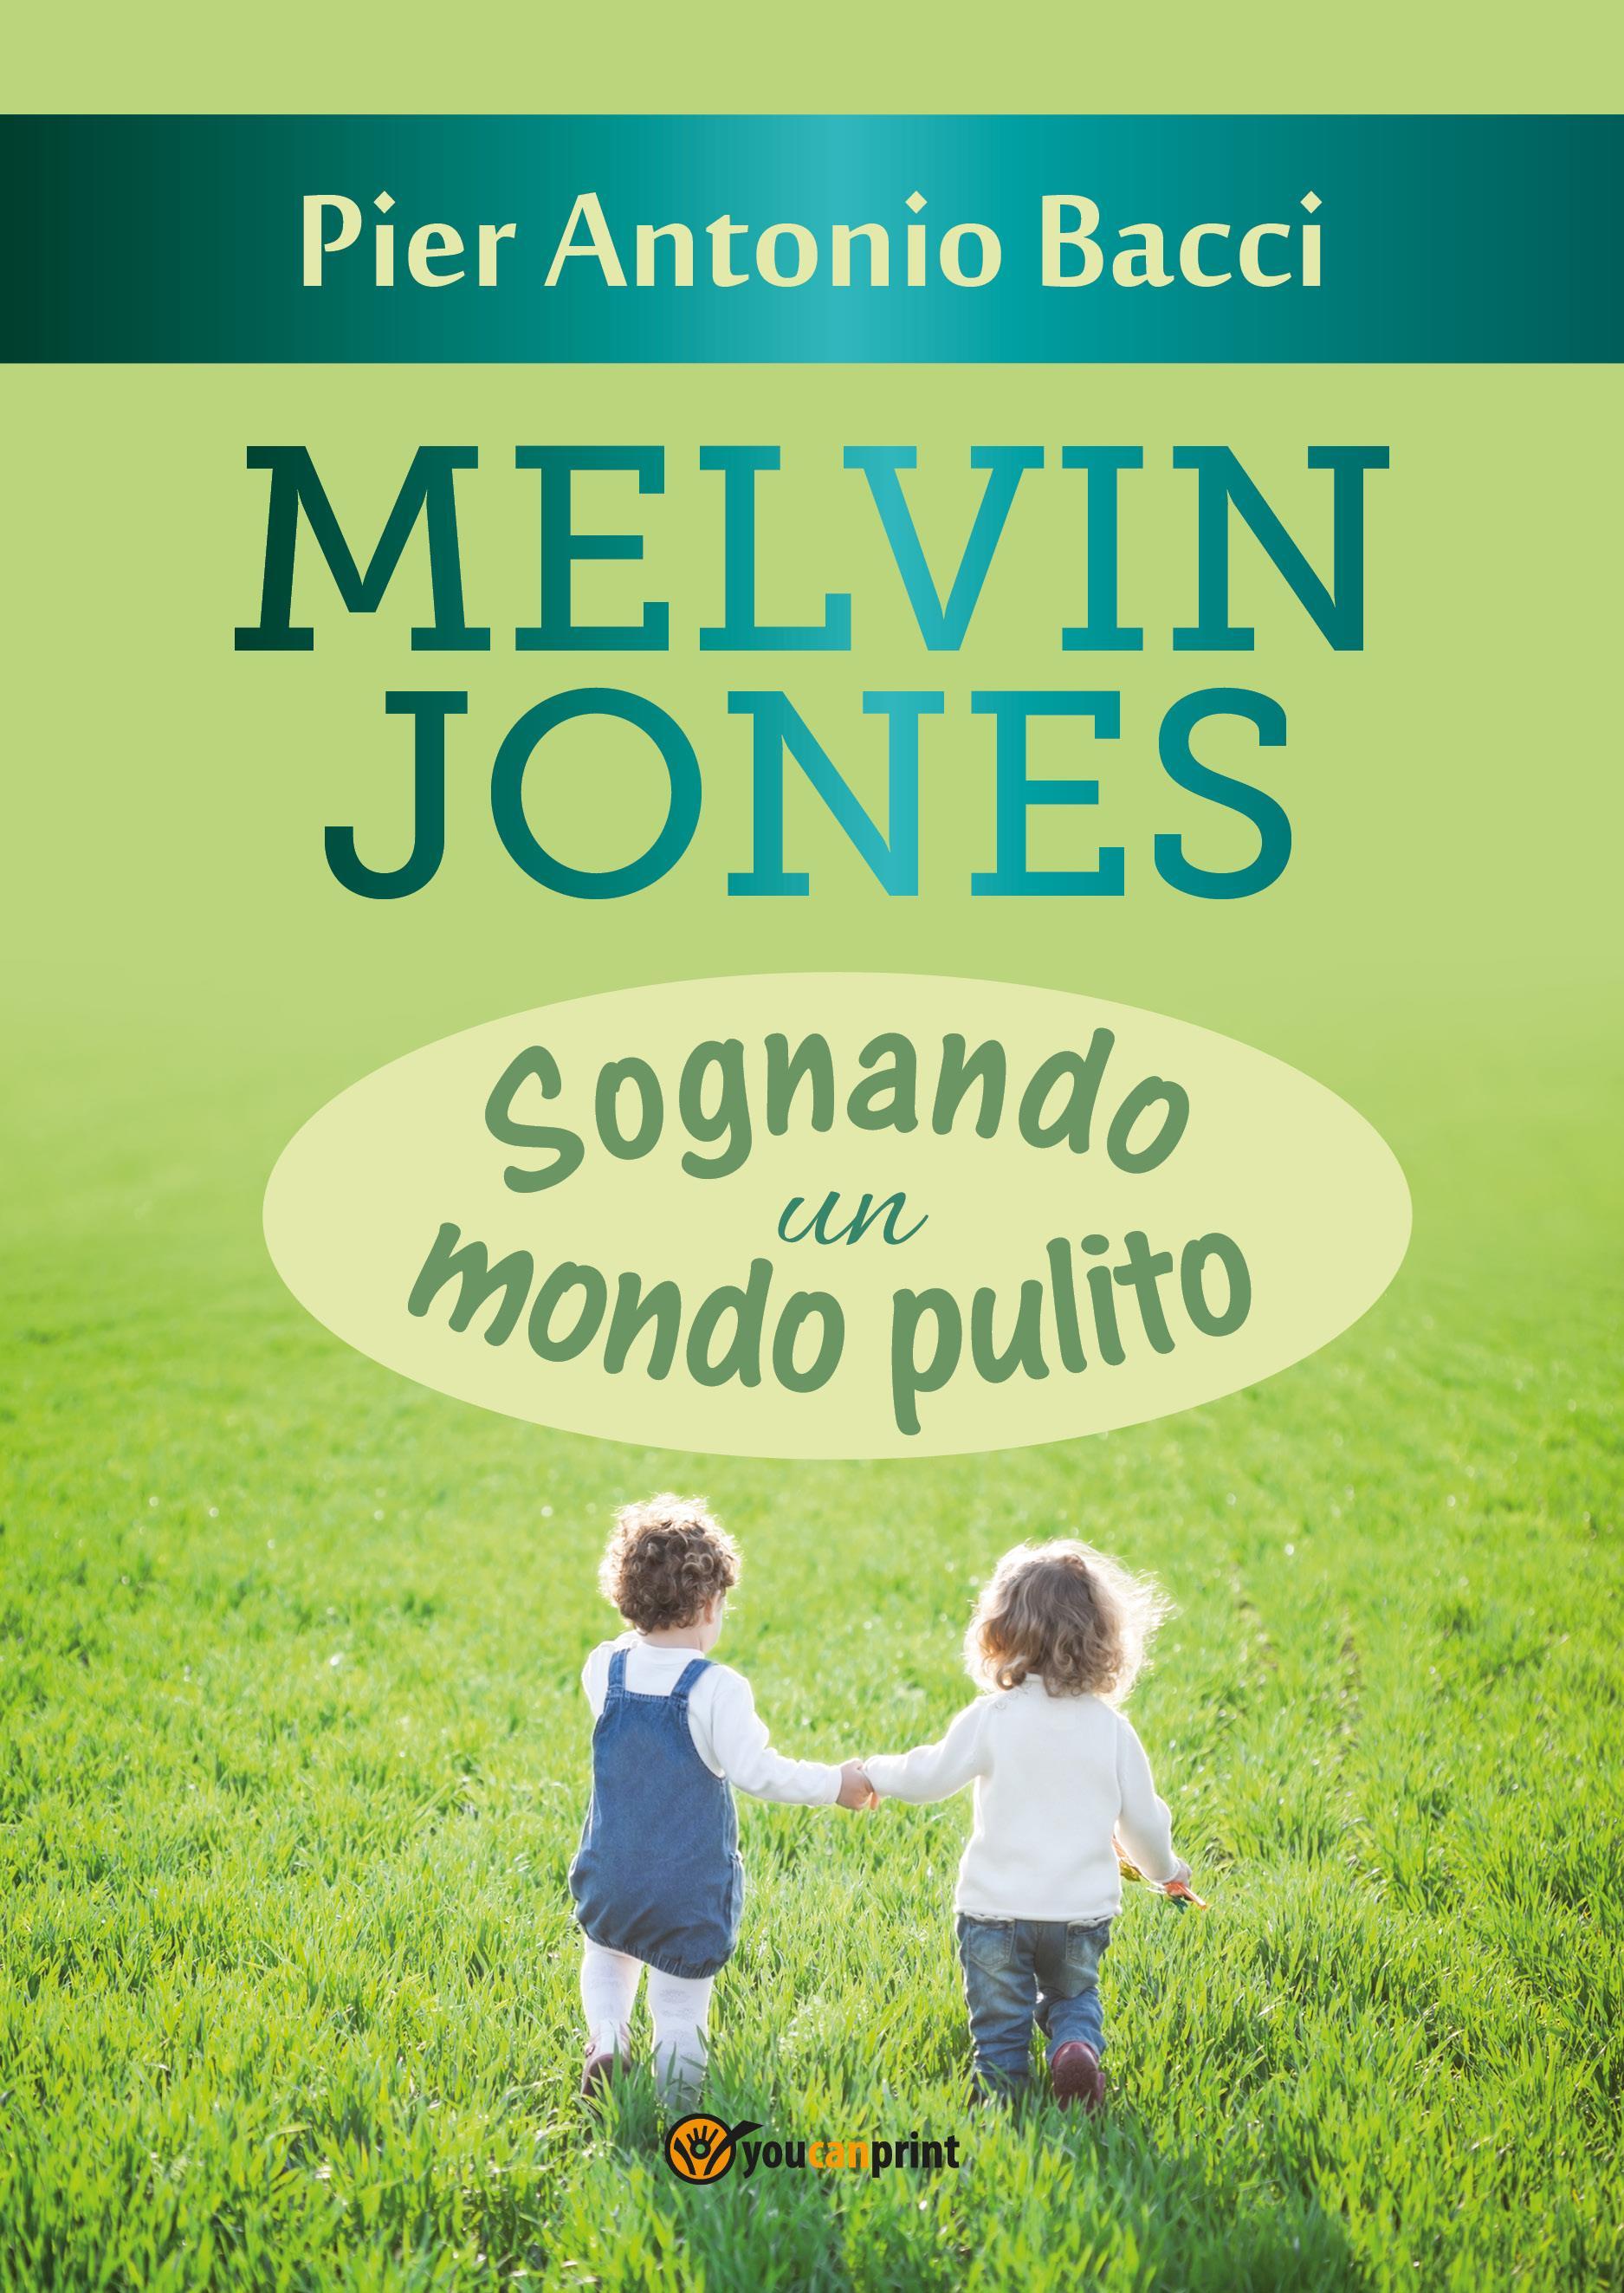 Melvin Jones - Sognando un mondo pulito